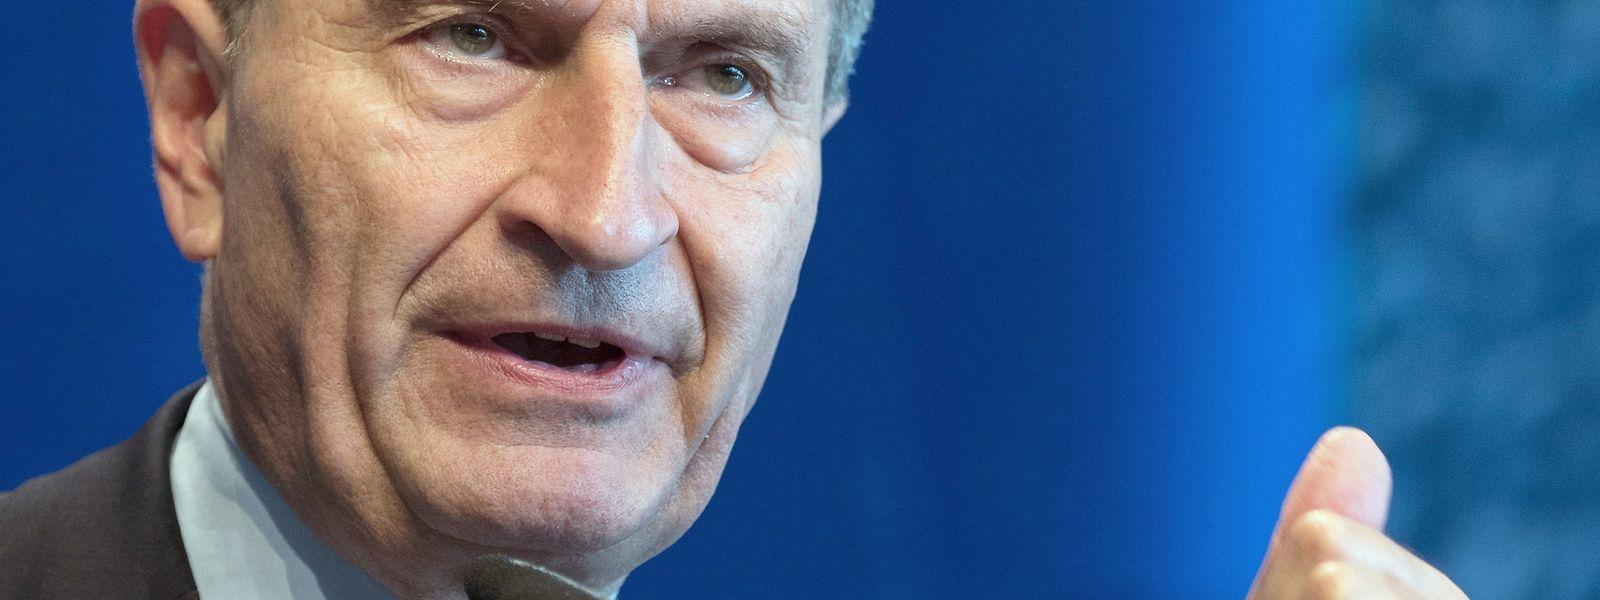 Günther Oettinger, EU-Kommissar für Haushalt und Personal.